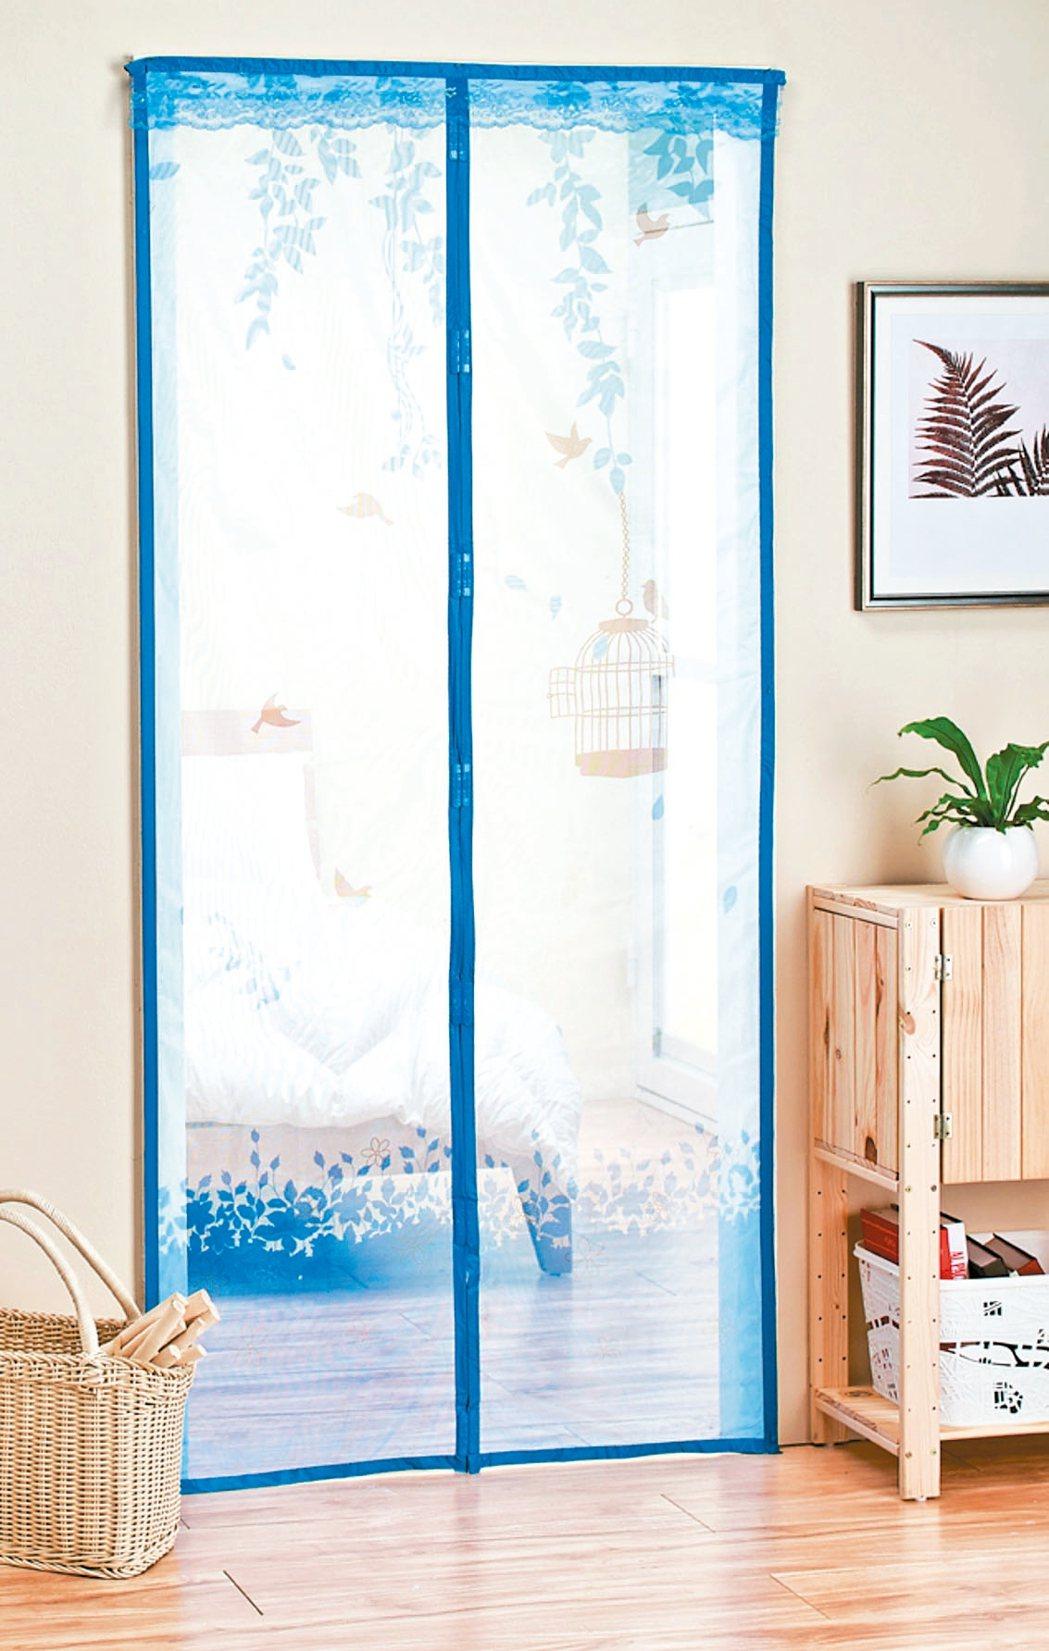 可加裝防蚊門簾,當人進出後門簾即自動閉合,不易被風吹開。 特力屋/提供